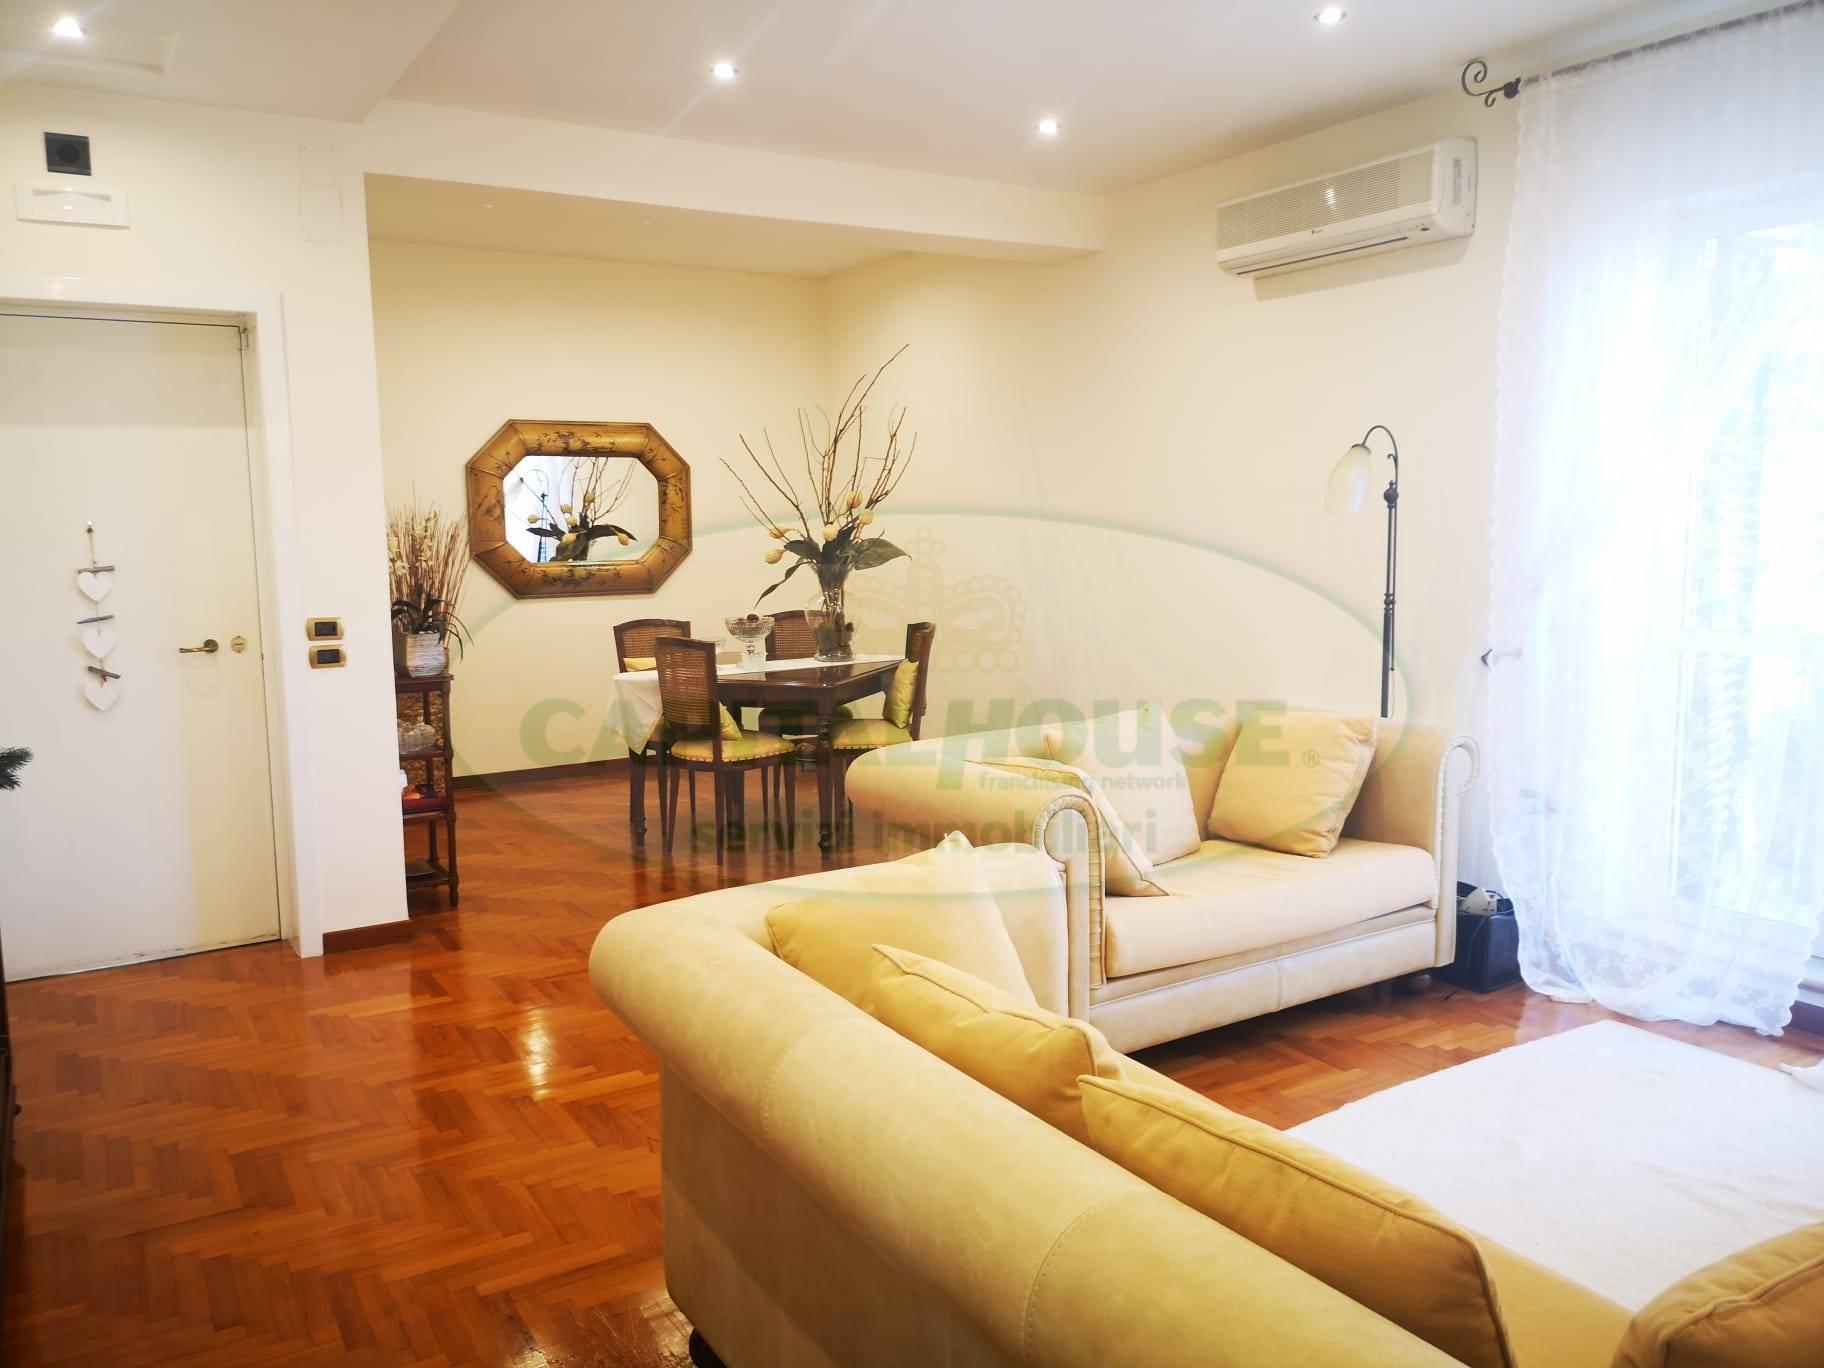 Appartamento in vendita a San Nicola la Strada, 4 locali, prezzo € 185.000 | CambioCasa.it